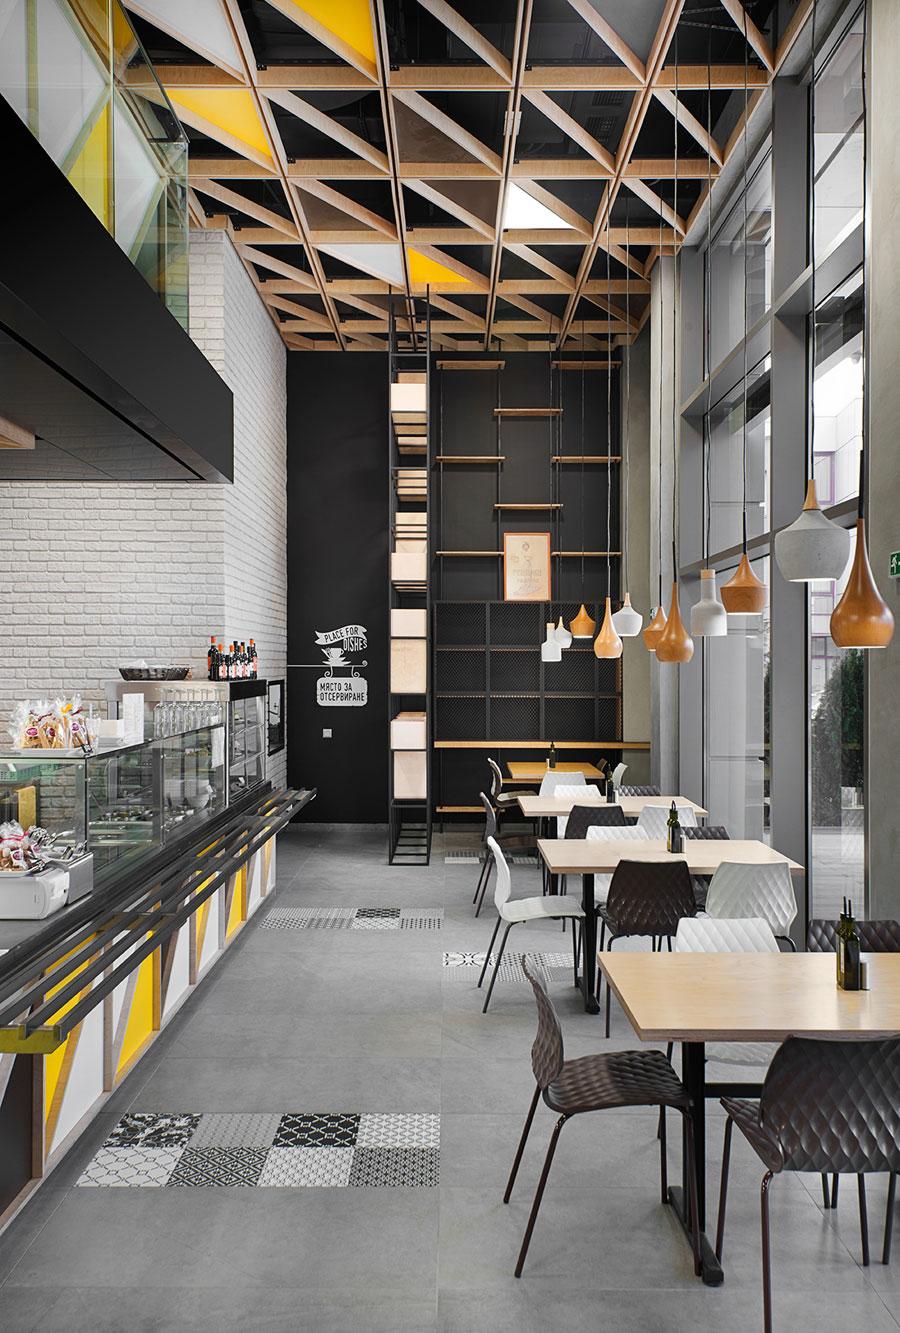 thiết kế quán trà sữa nhỏ đẹp lung linh ảnh 35